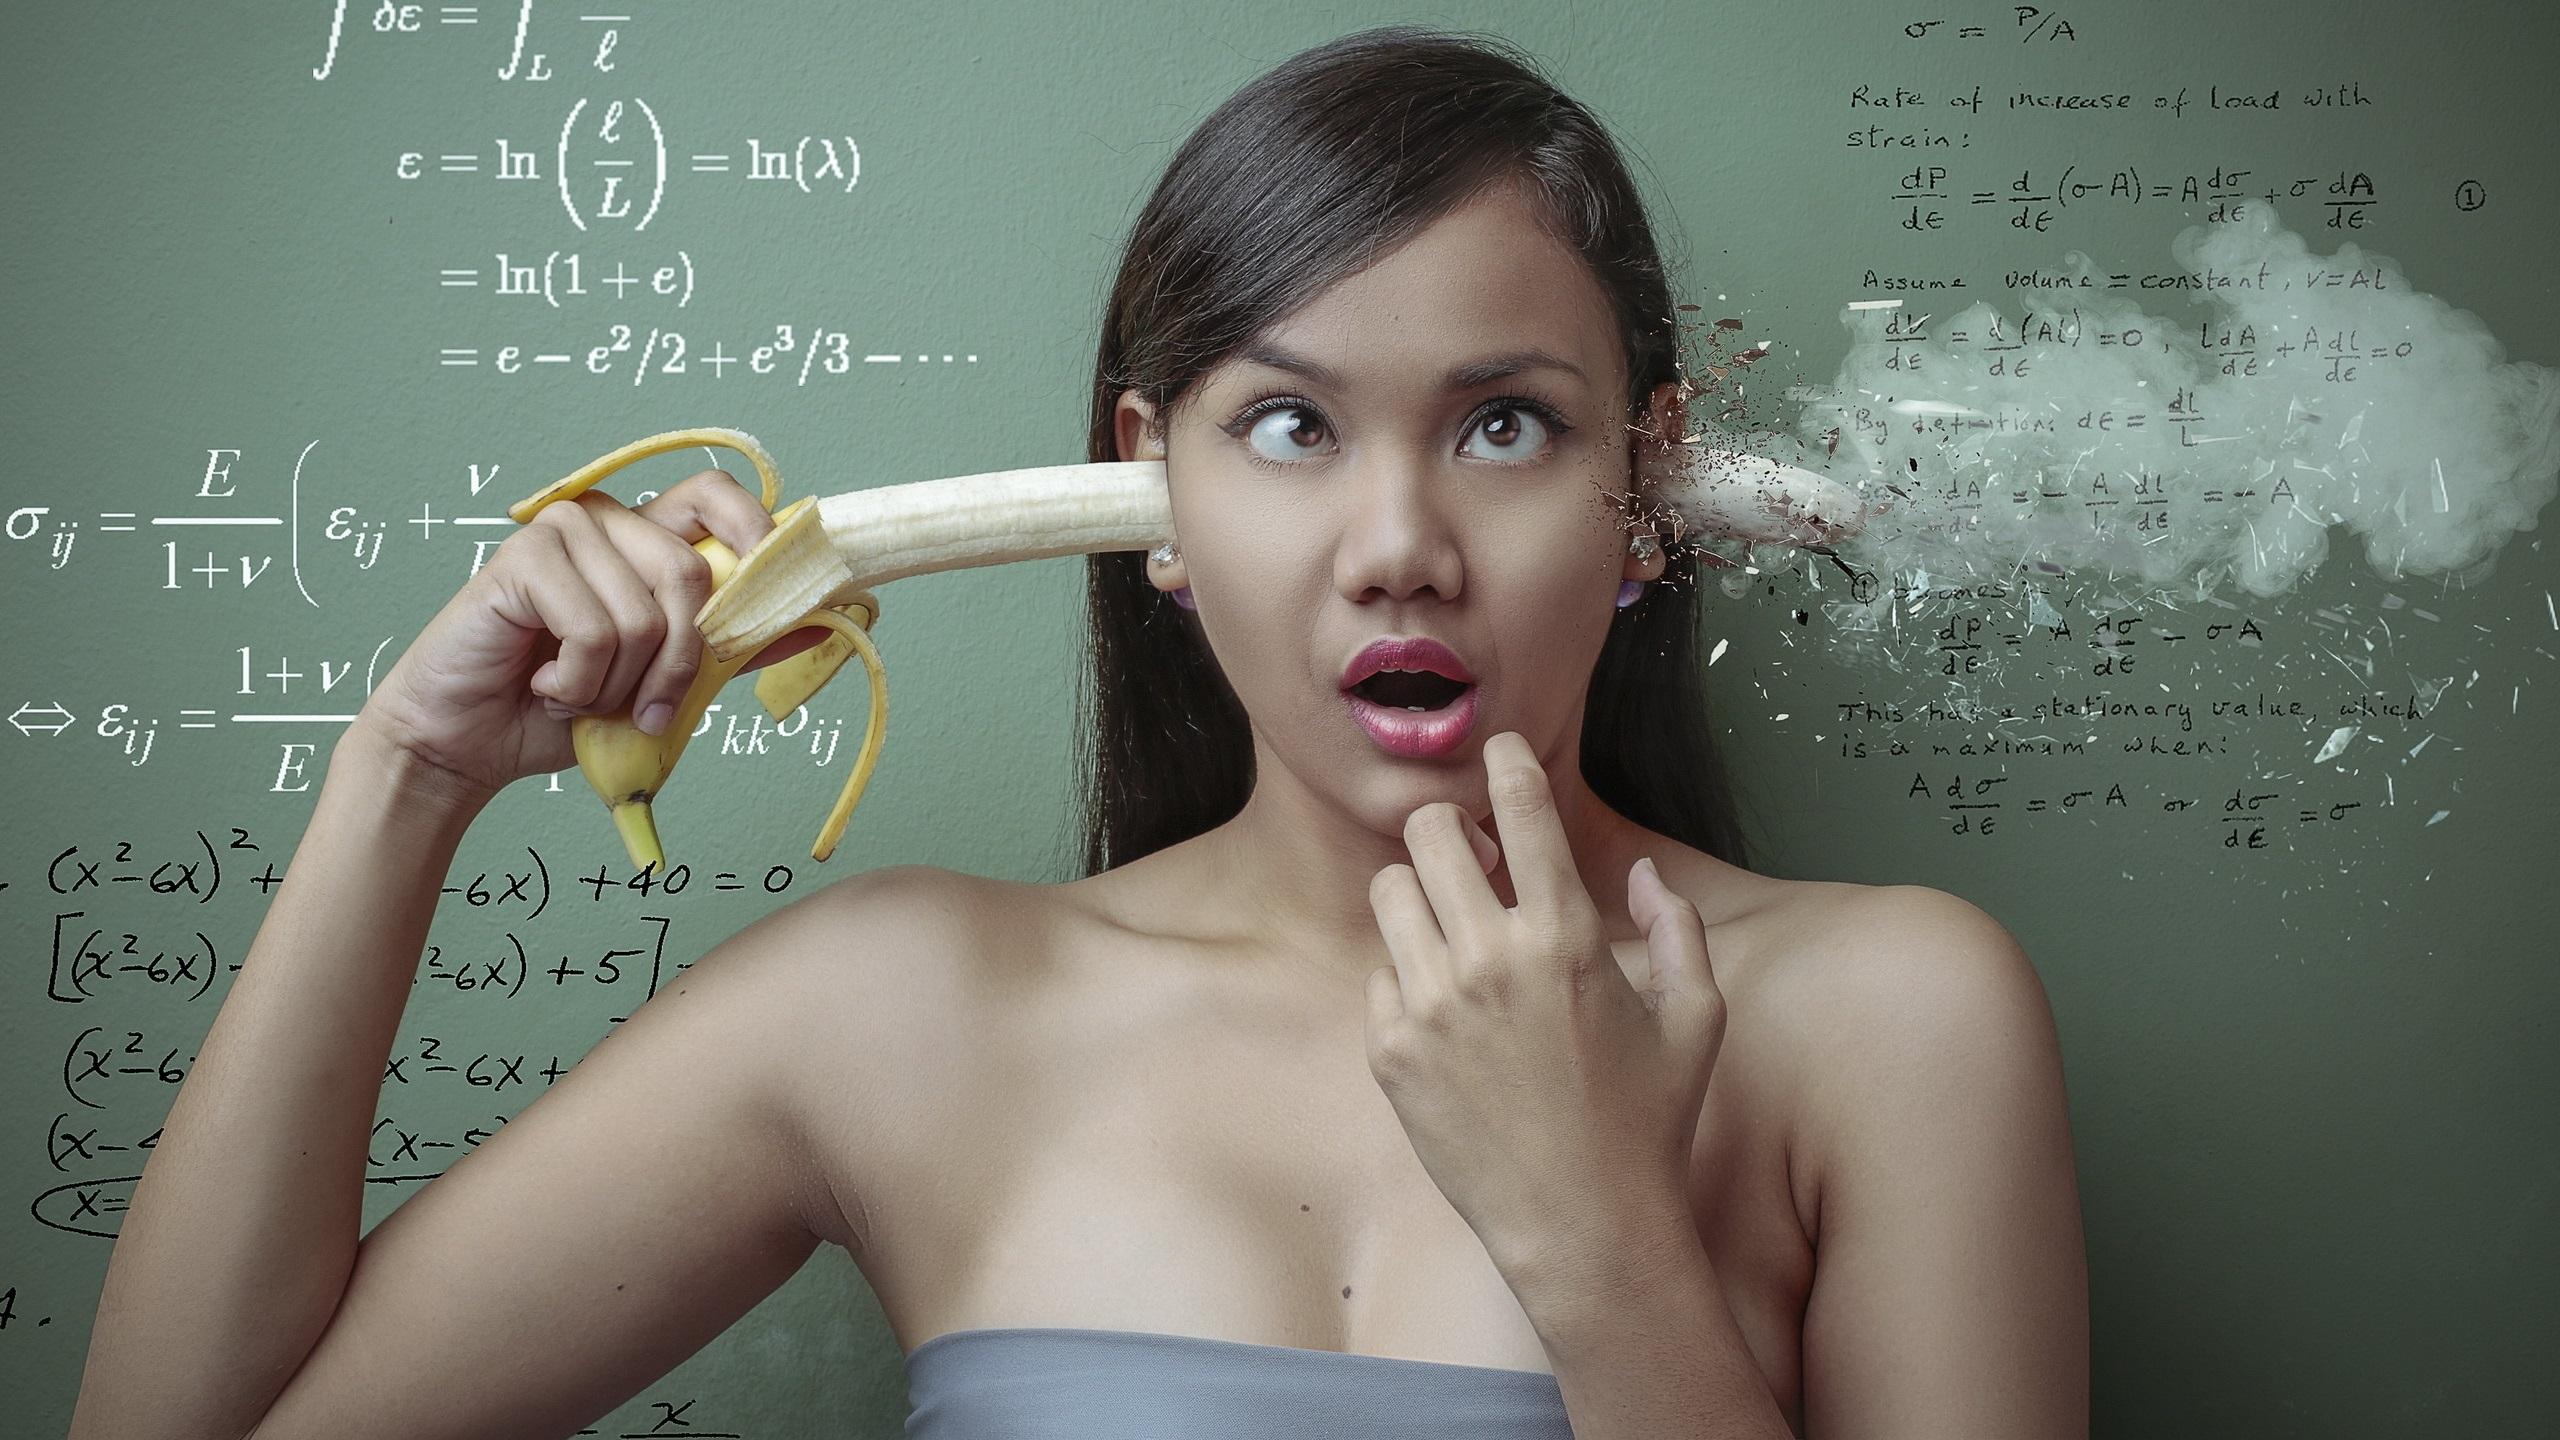 壁紙 創造的なデザイン 女の子 バナナ 数学 2560x1600 Hd 無料の